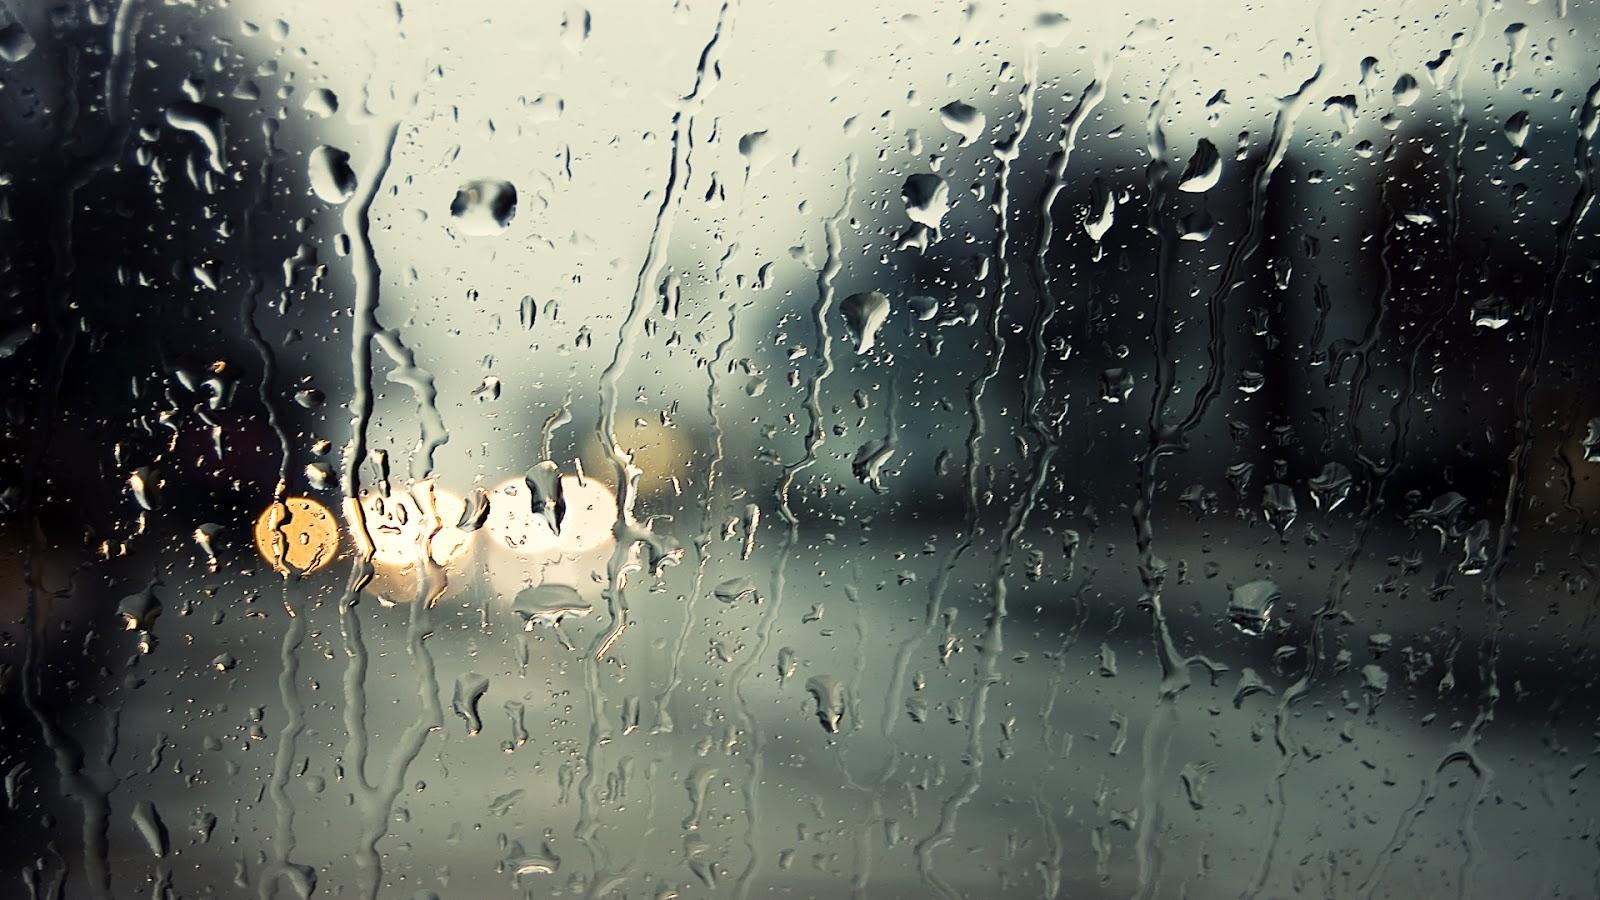 Desktop wallpaper rain drops on window desktop wallpaper - Rainy window wallpaper ...